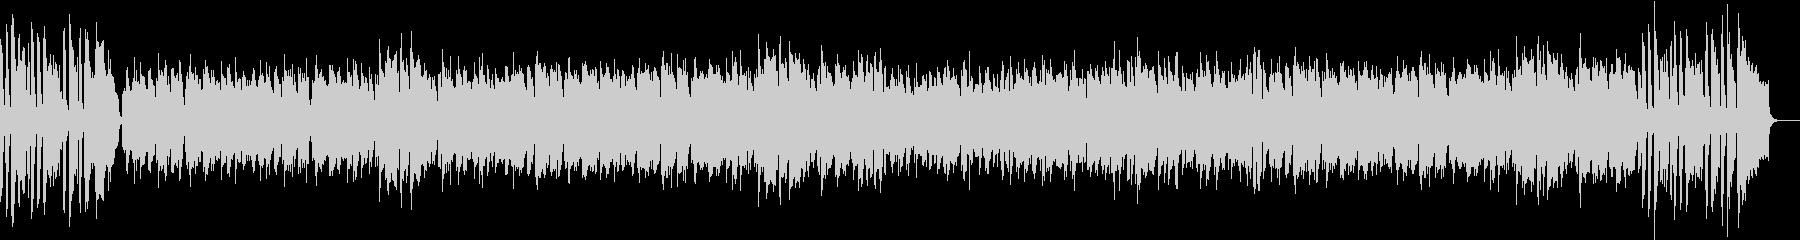 ジャズビッグバンドの軽快なボサノバの未再生の波形